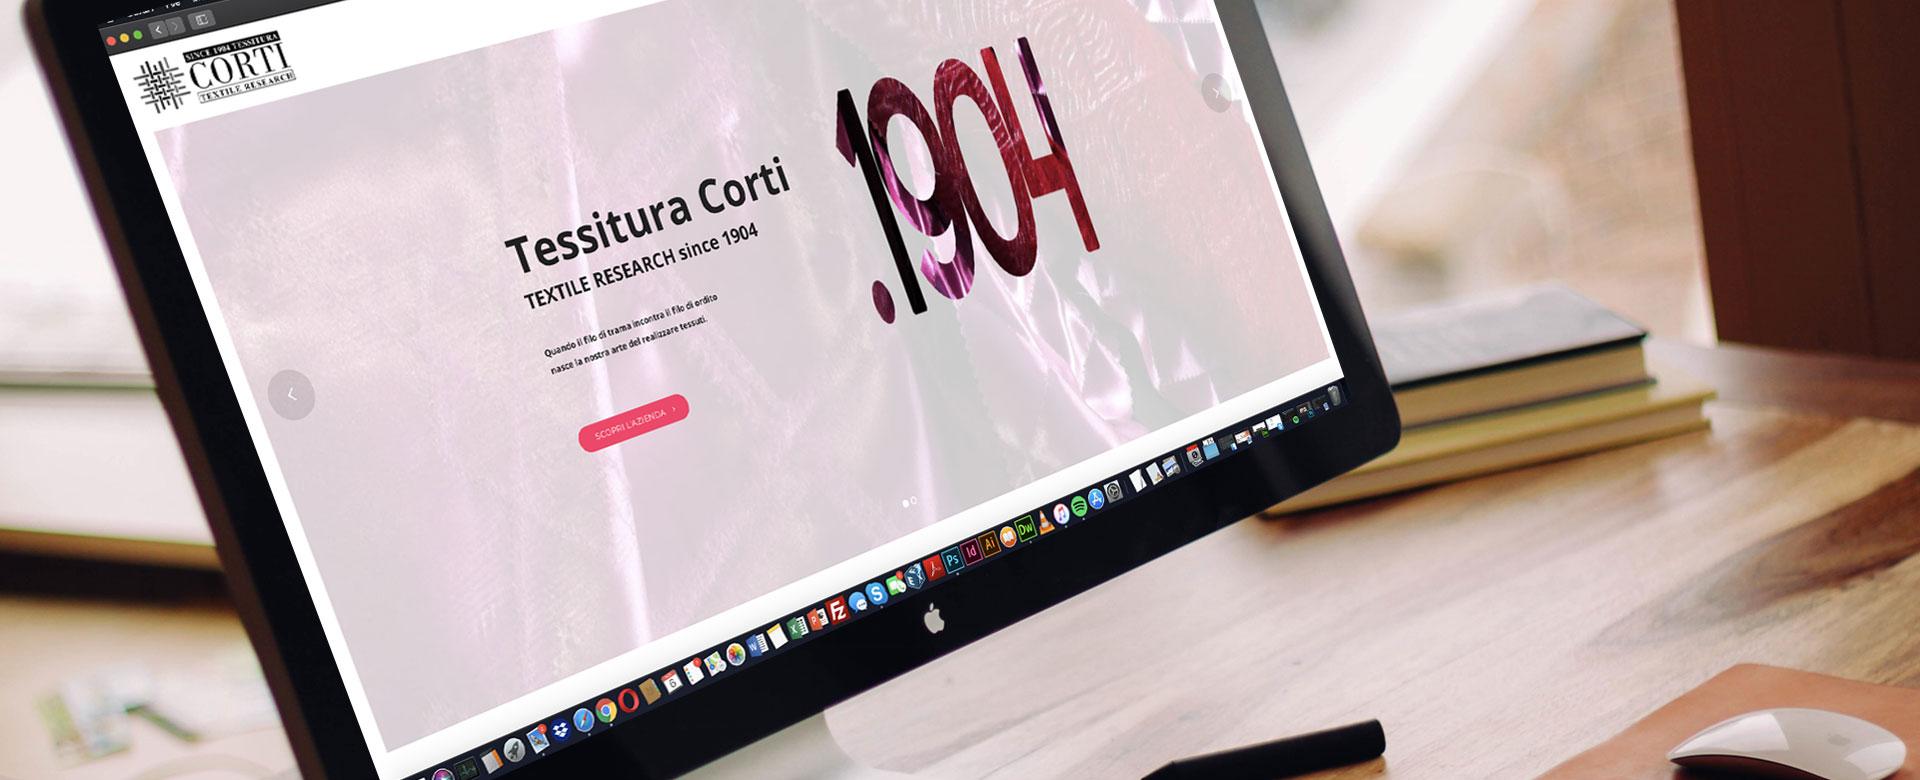 Tessitura Corti realizzazione sito web